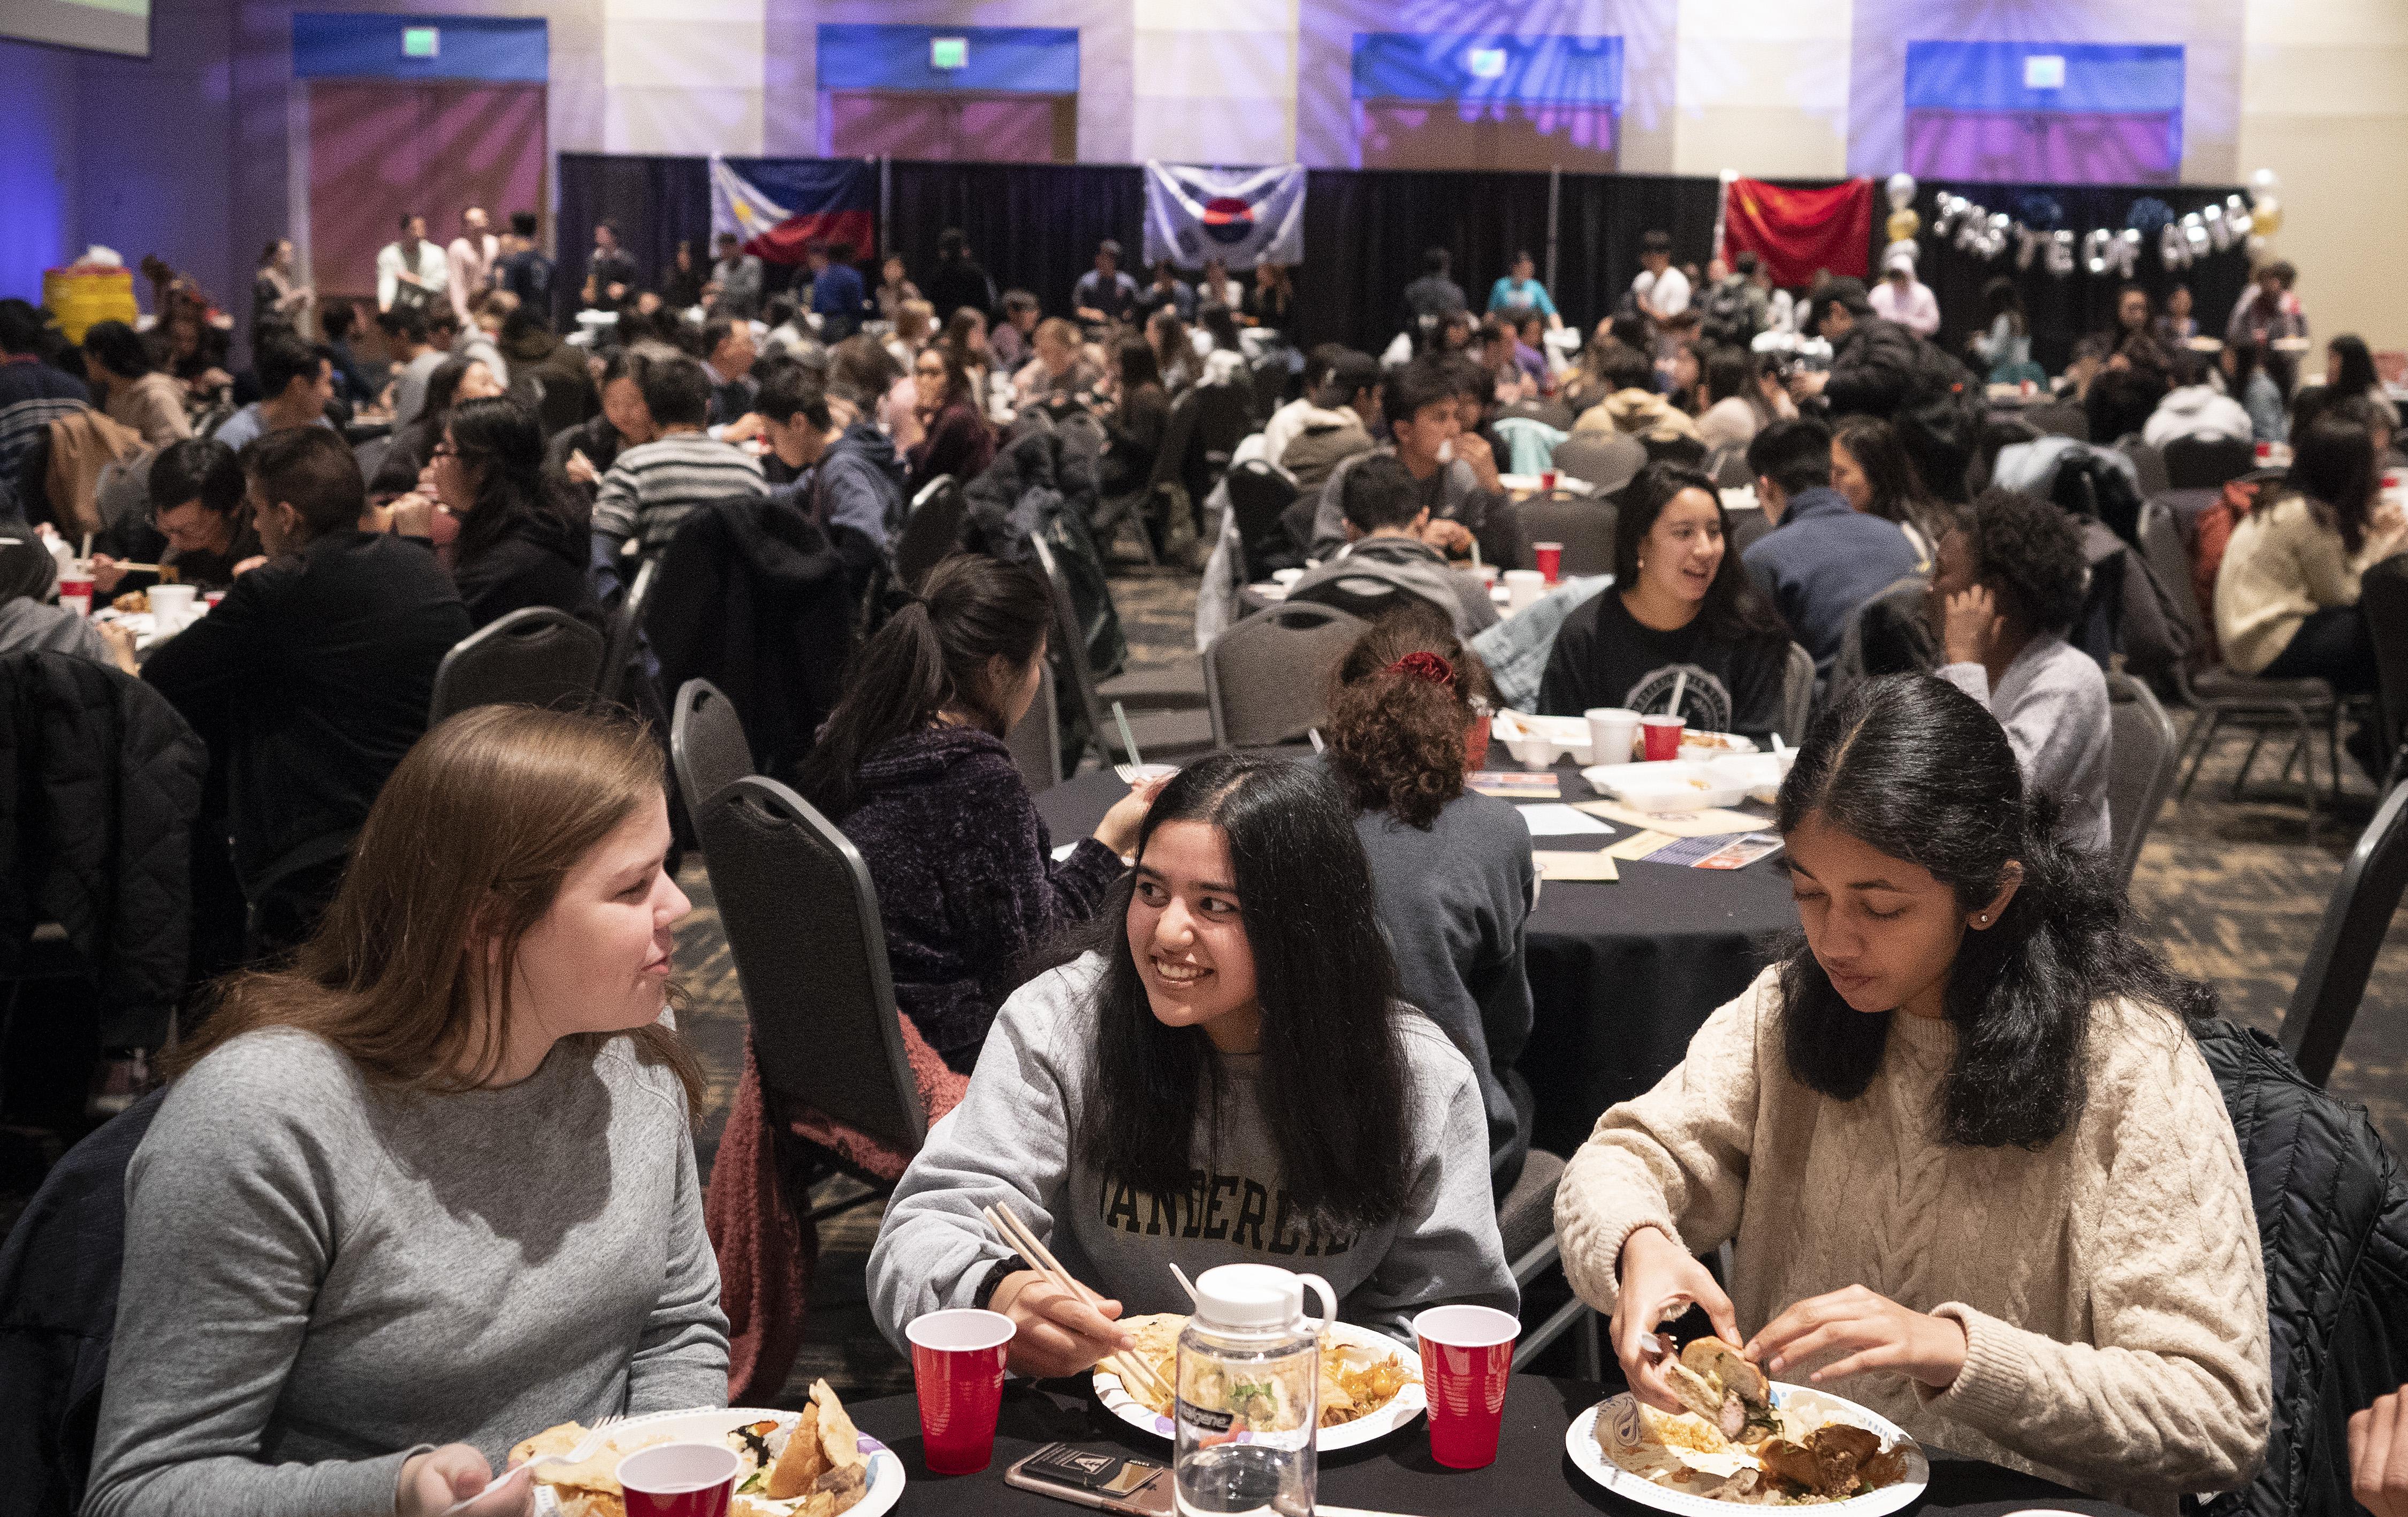 Taste of Asia 2019 in the Student Life Center Ballroom. (Joe Howell/Vanderbilt University)